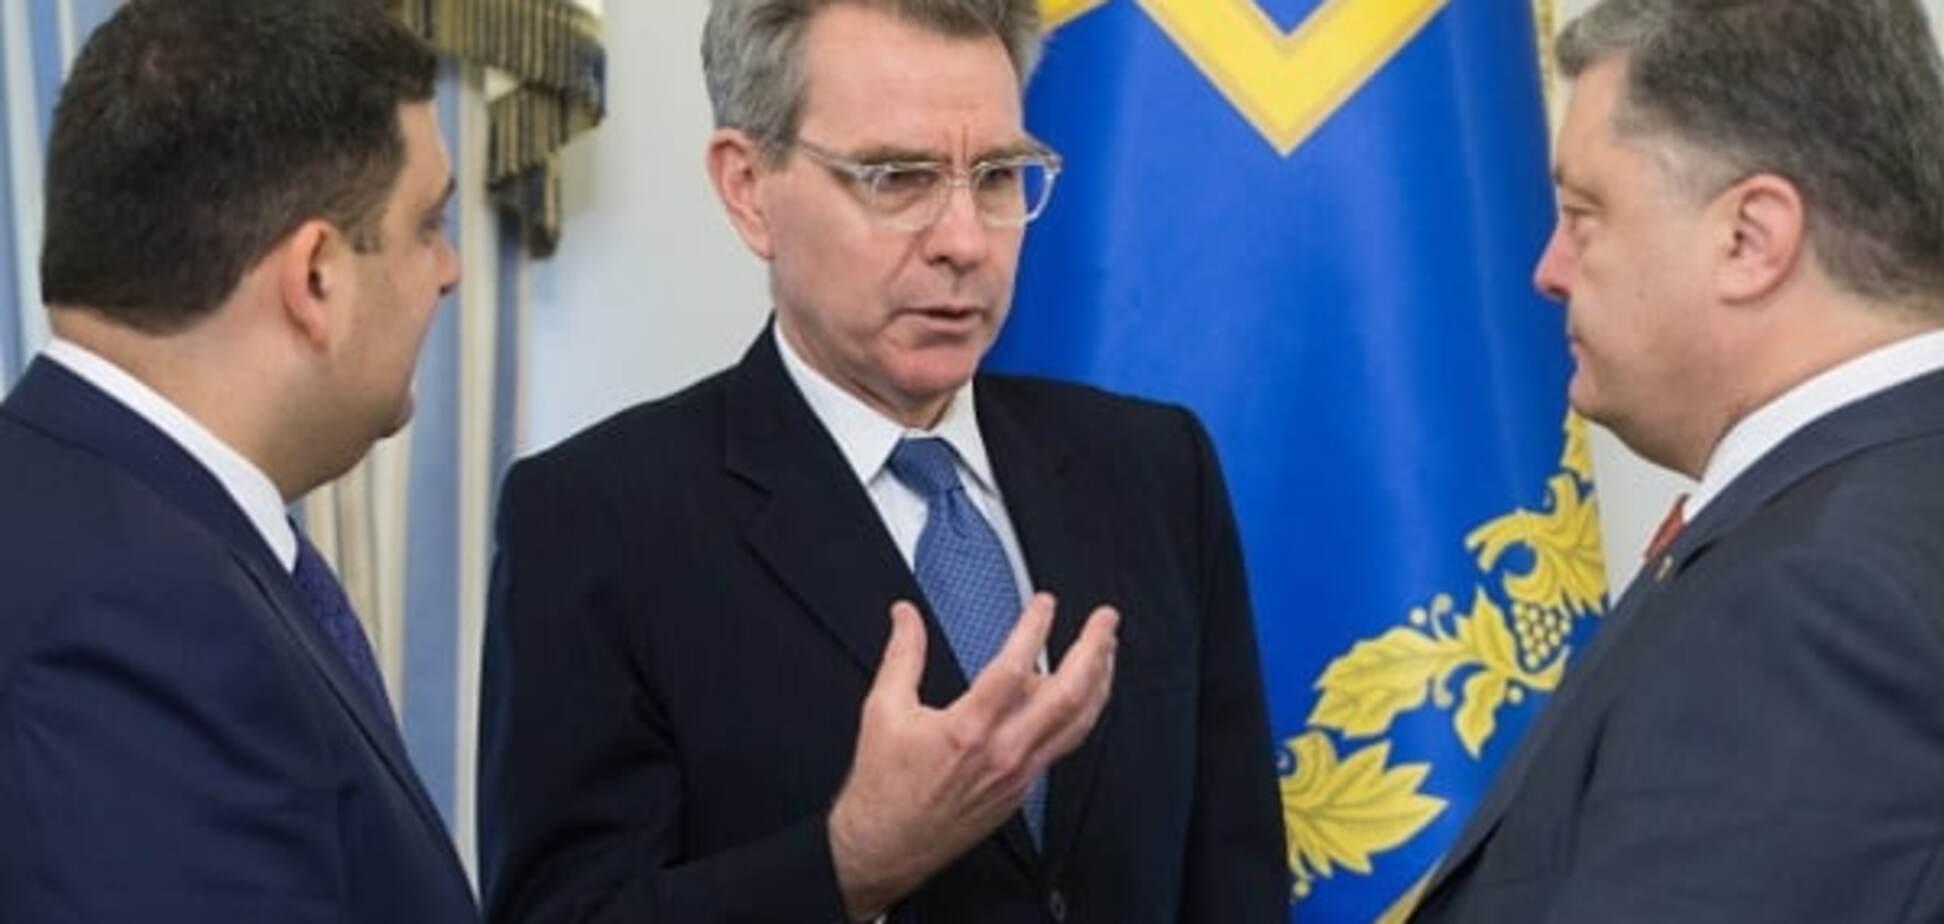 Володимир Гройсман, Джеффрі Пайєтт і Петро Порошенко